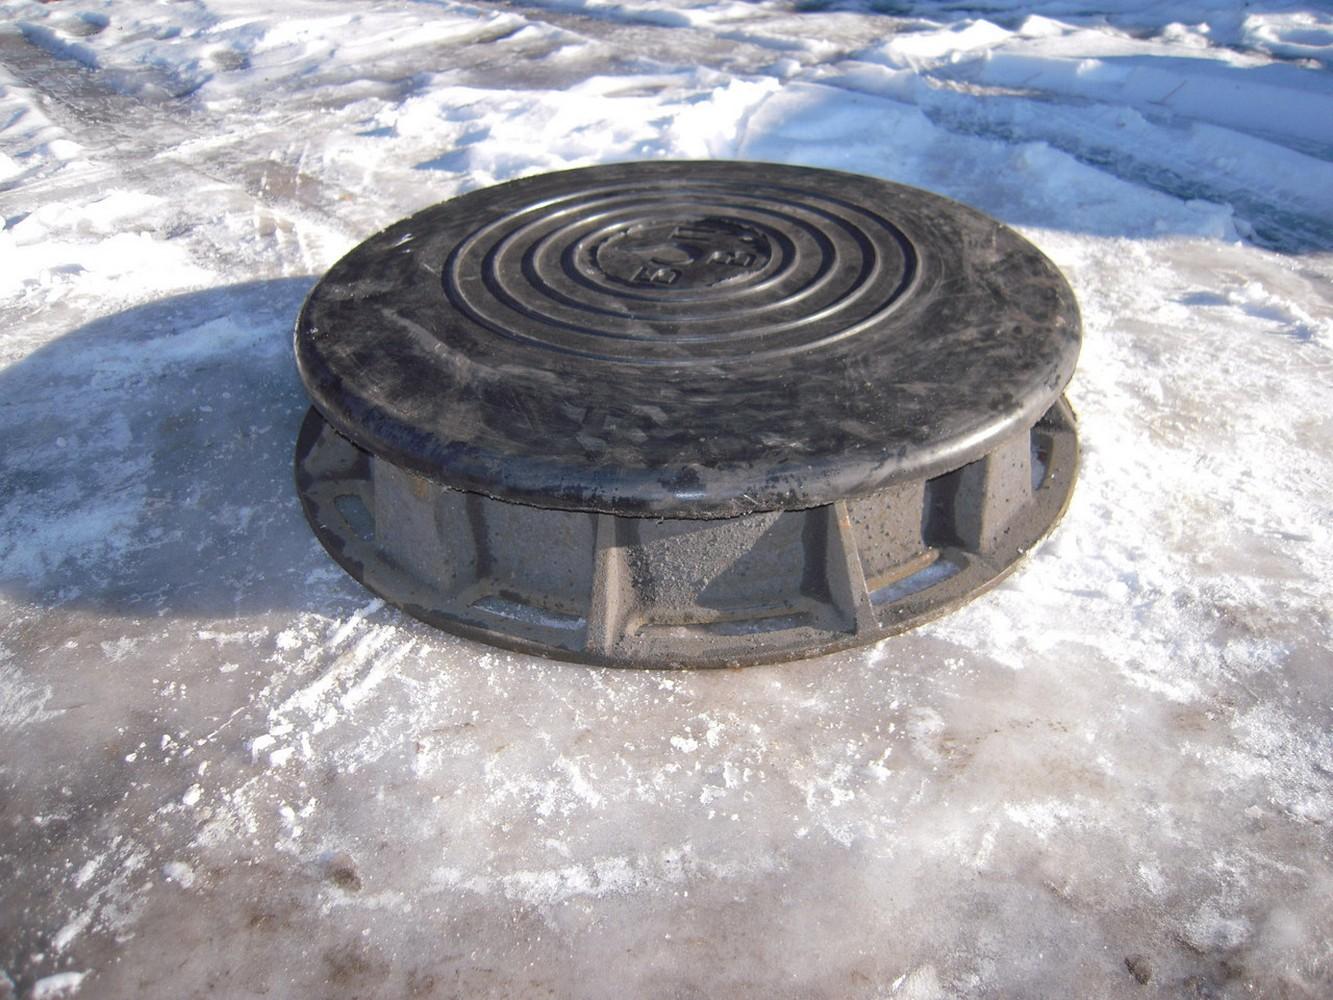 крышка канализационного люка